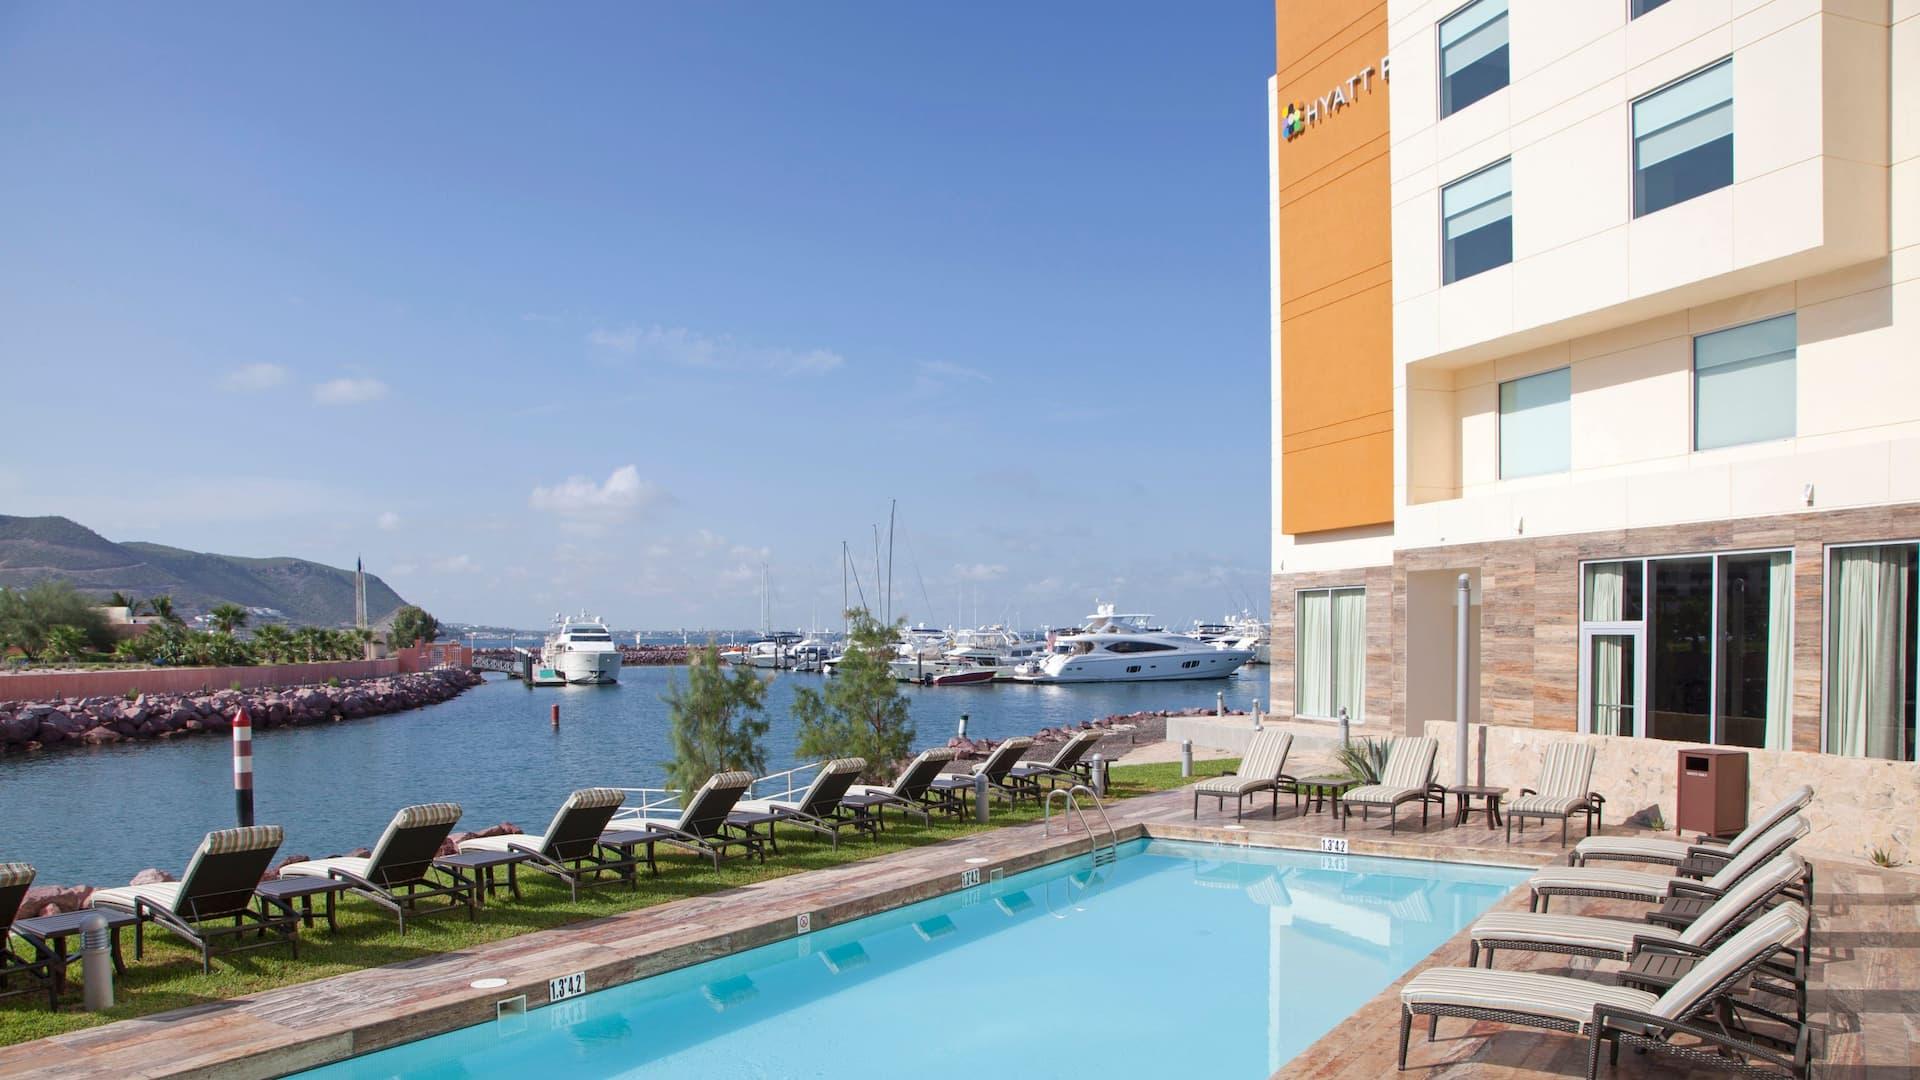 Aprovecha al máximo tu estadía - explora las tarifas y paquetes especiales de nuestro hotel.